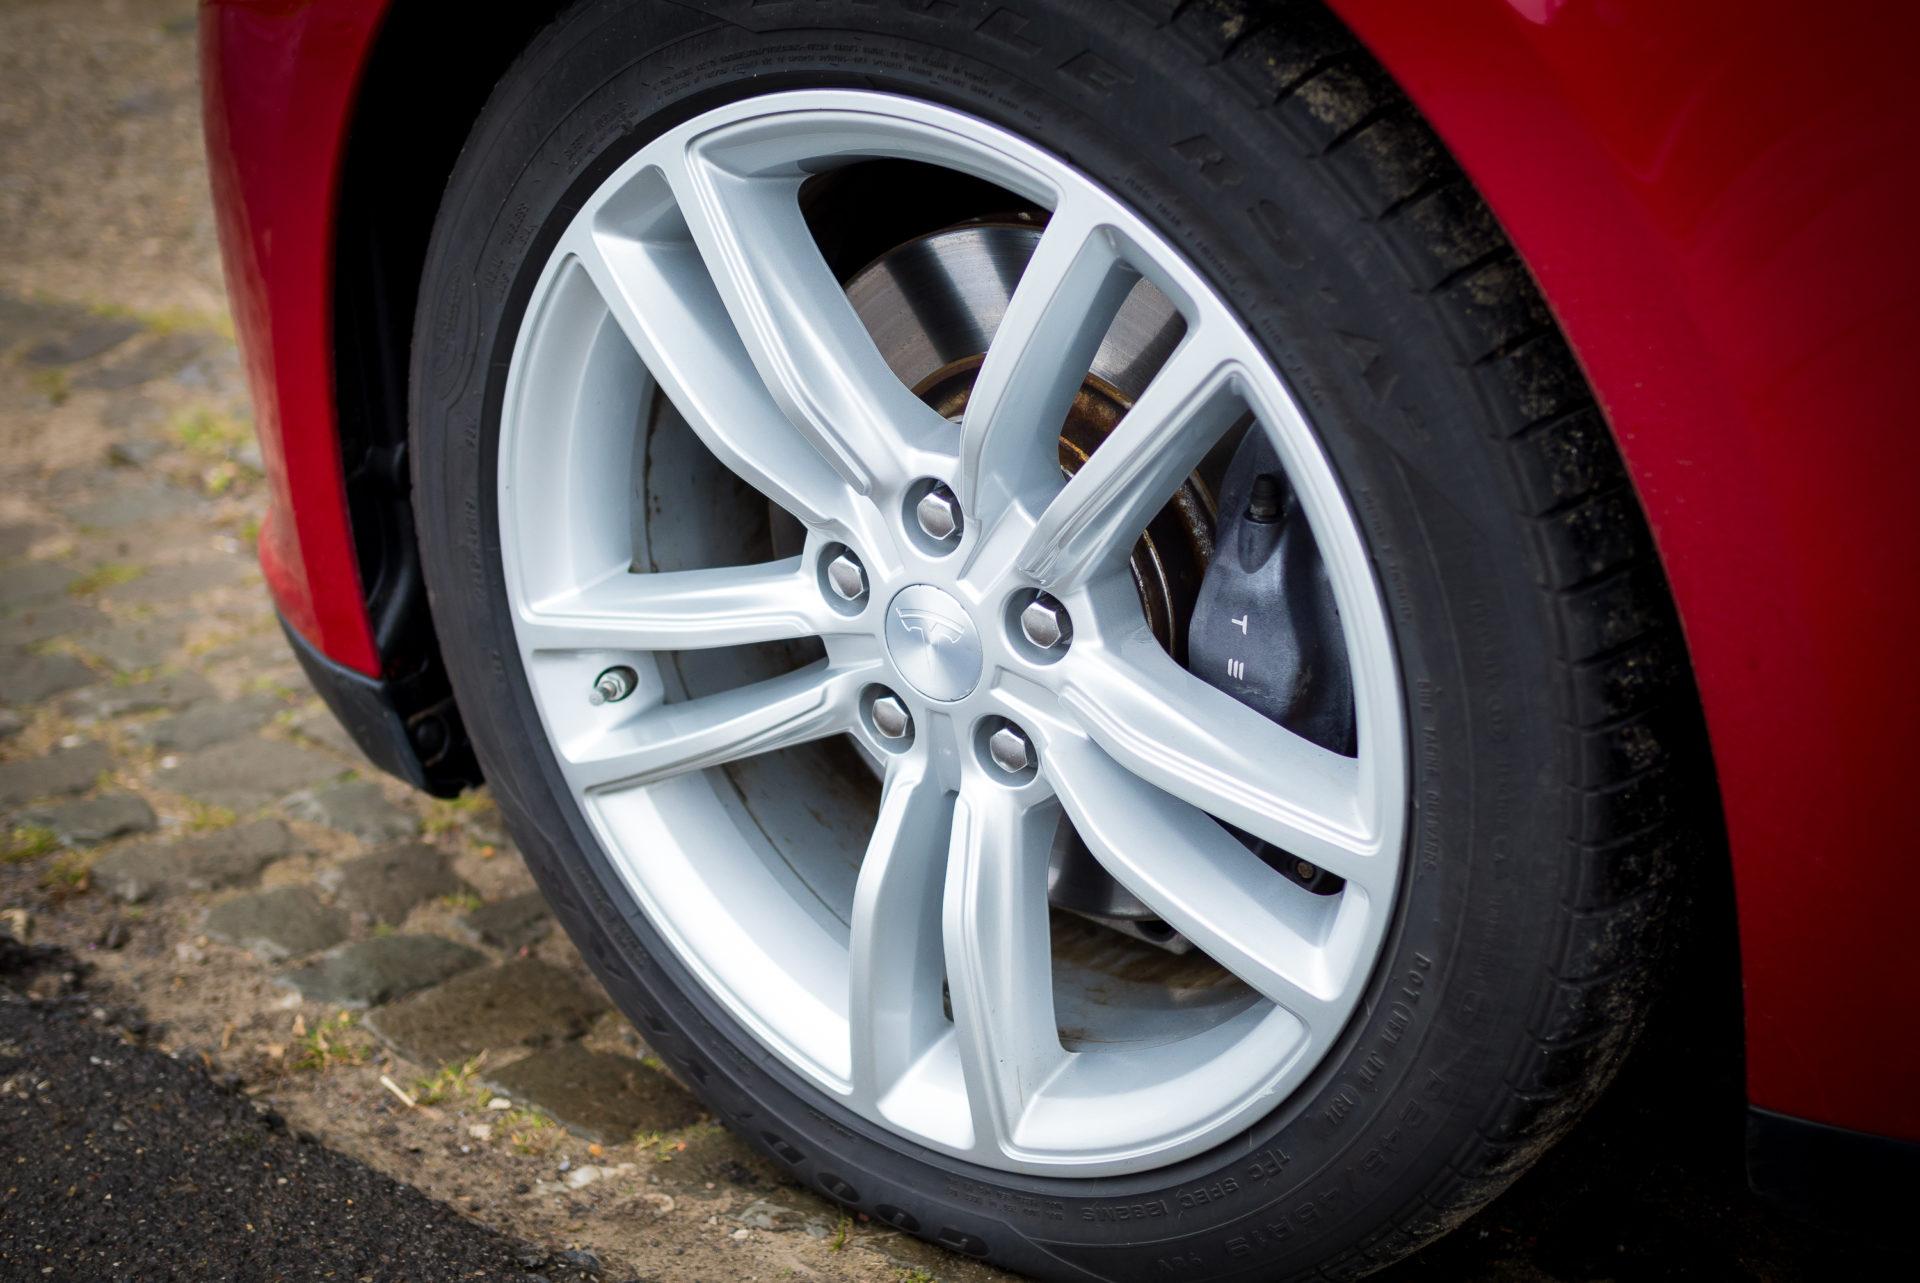 Tesla Model S85 rot multicoat 19 Zoll Original Felgen schwarze Bremssättel Detail Räder Rad Aachen Greenspeed emobility NRW Deutschland Gebrauchtwagen kaufen